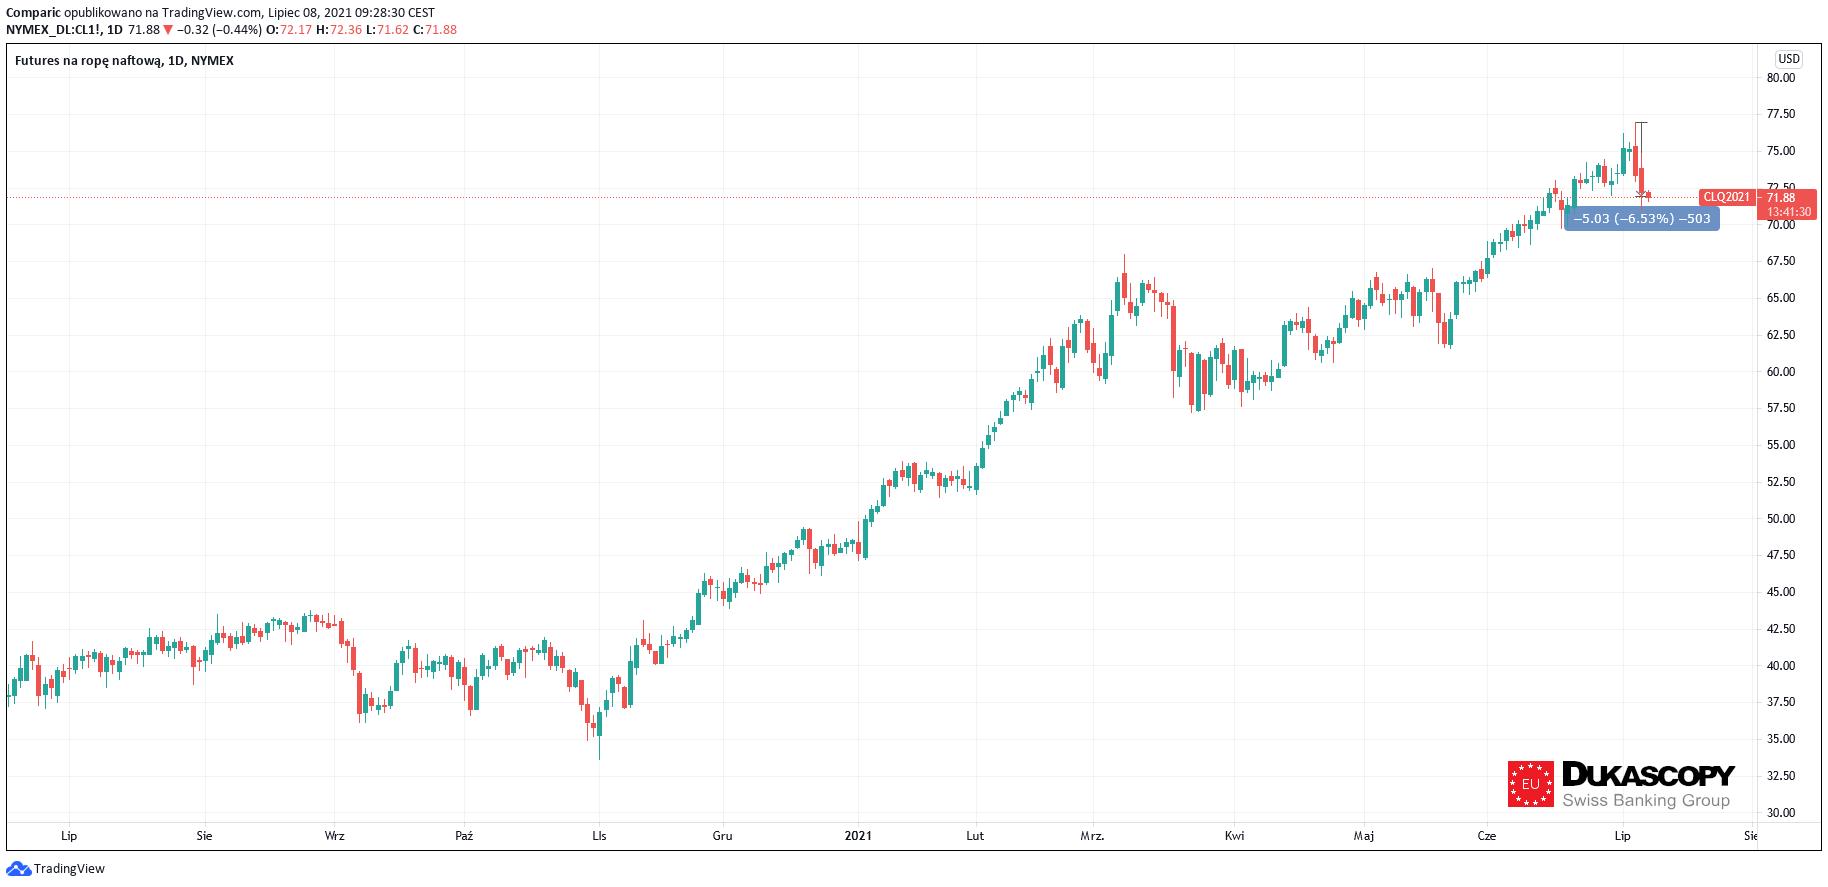 Cena ropy w dół już o ponad 4% w tym tygodniu. Czy to koniec rajdu?